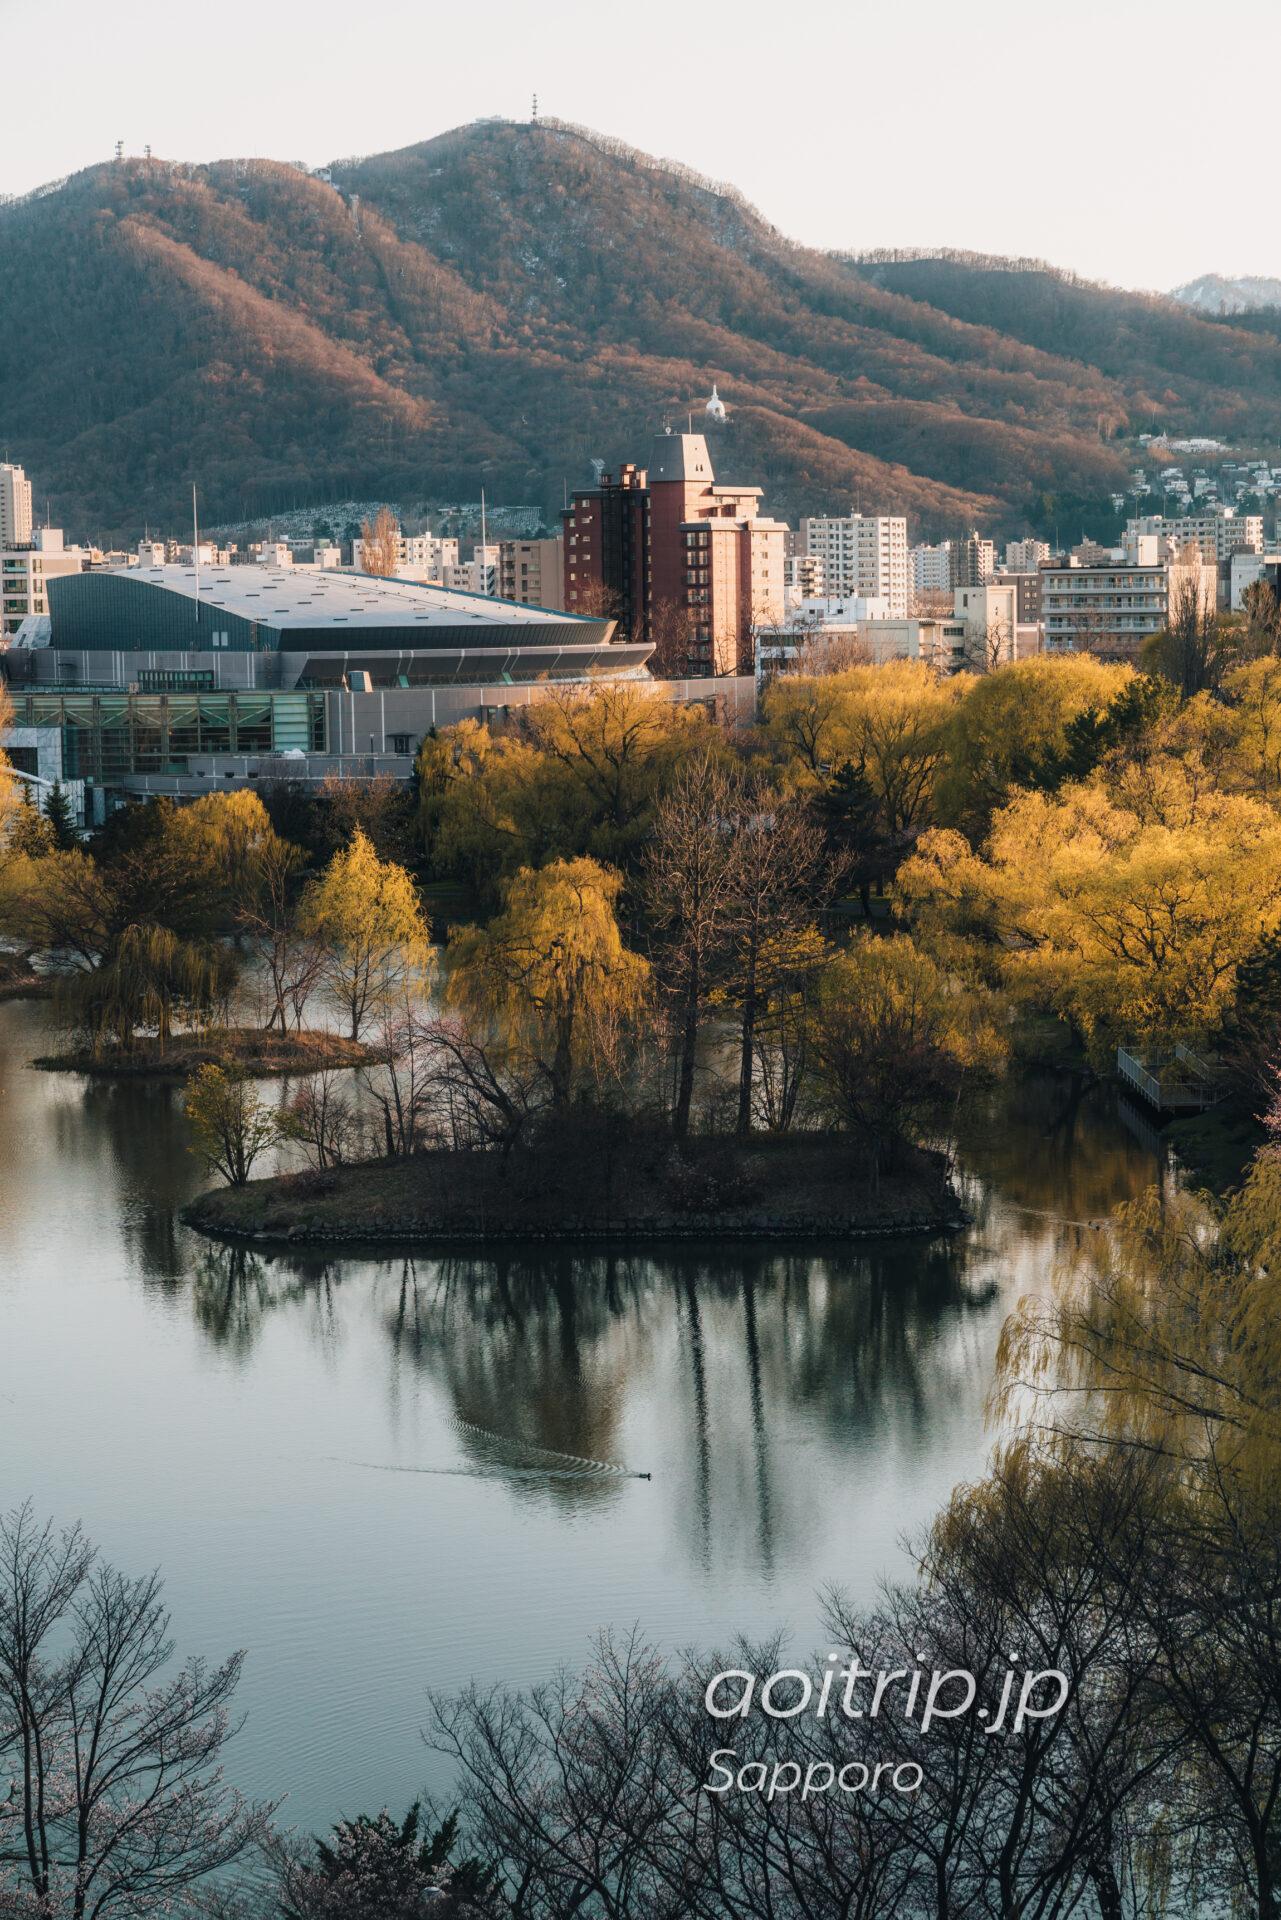 札幌パークホテルの客室 スーペリアクイーンダブルから望む中島公園・藻岩山の眺望・景色